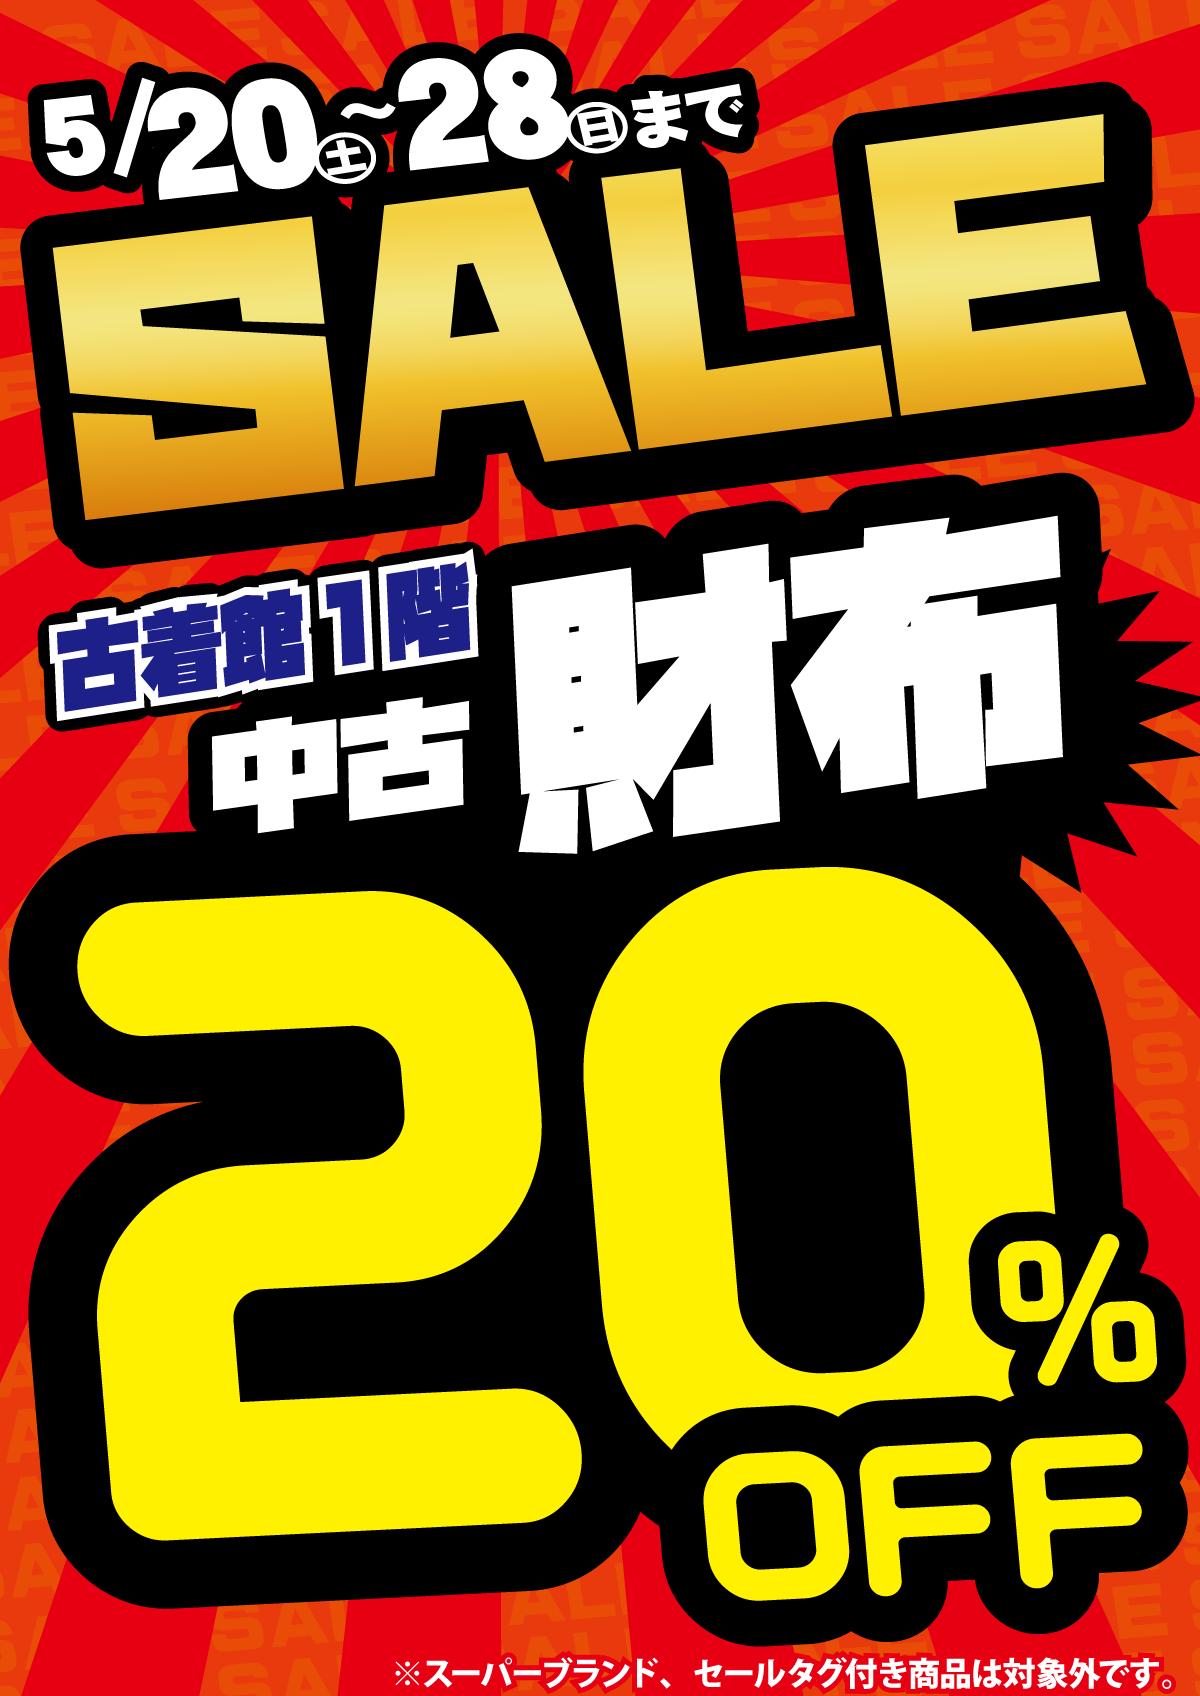 「開放倉庫山城店」古着館5/20(土)~28(日)までSALE!中古財布20%オフ!!